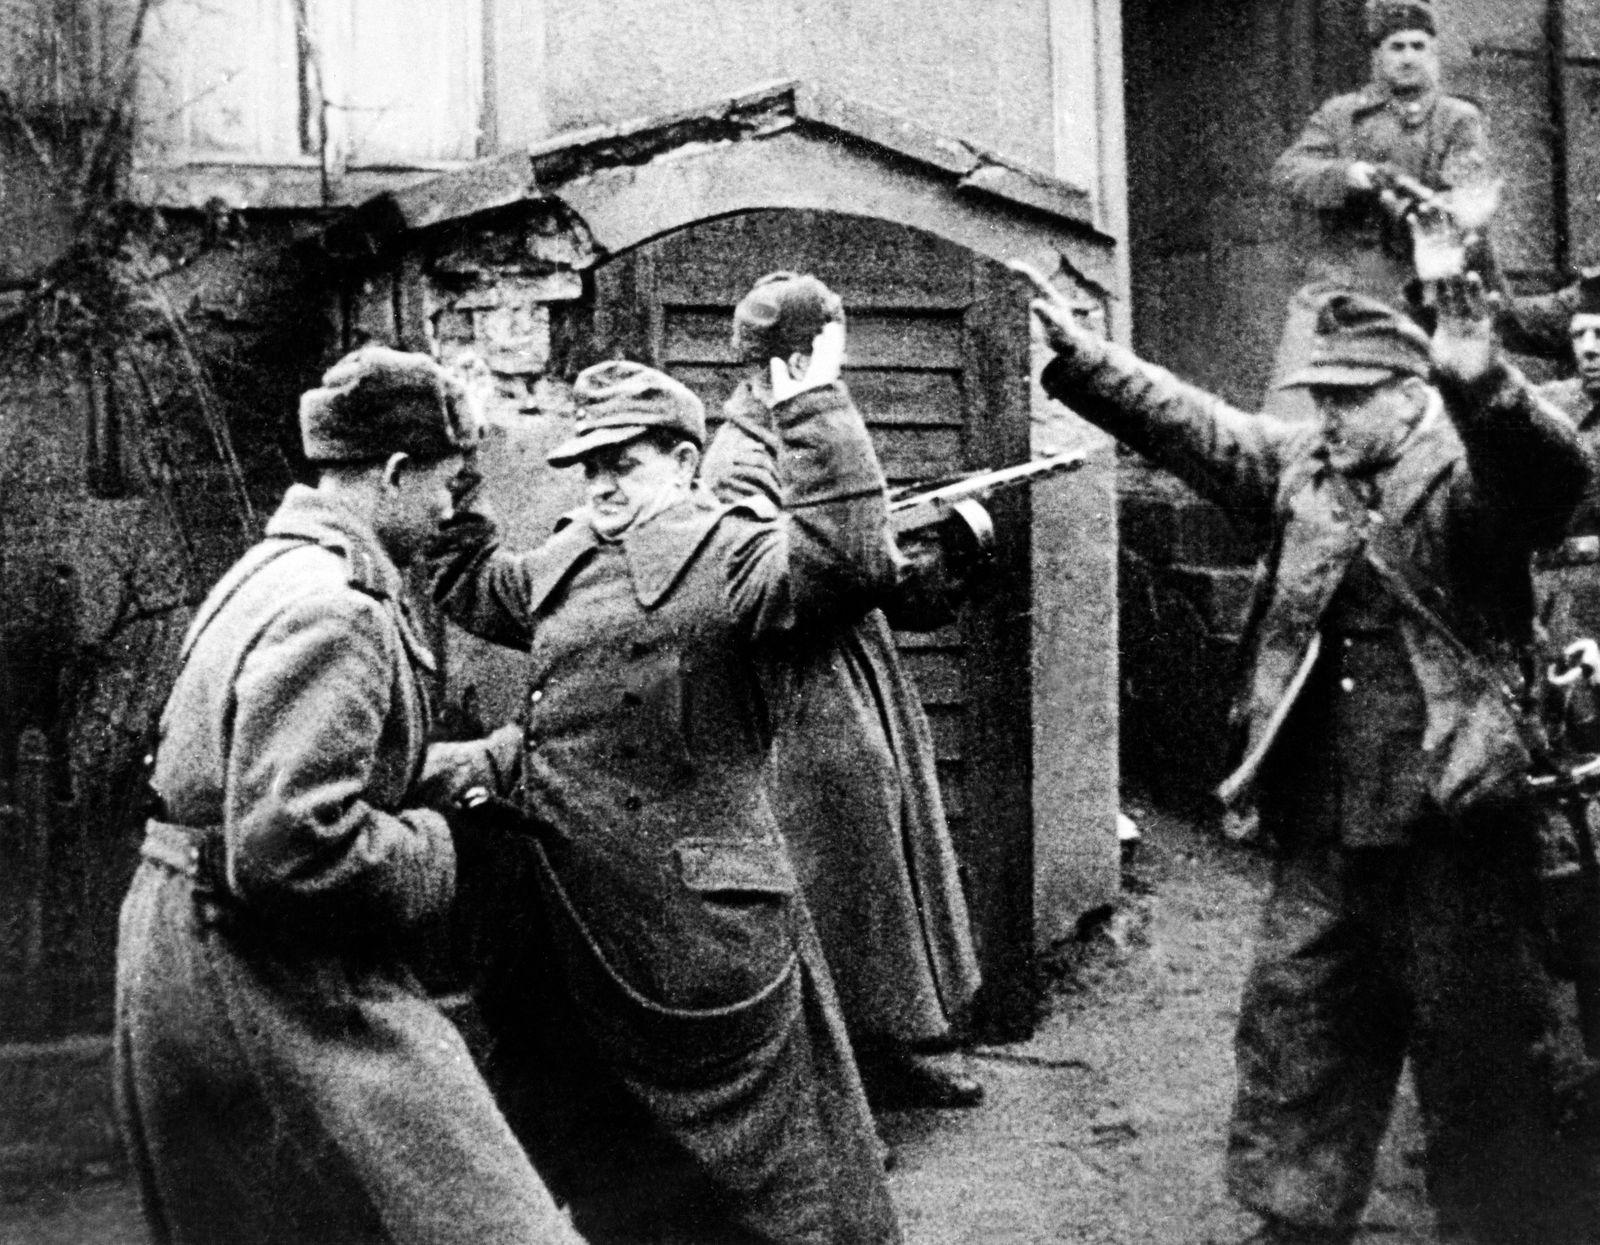 Zweiter Weltkrieg: Endphase in Berlin